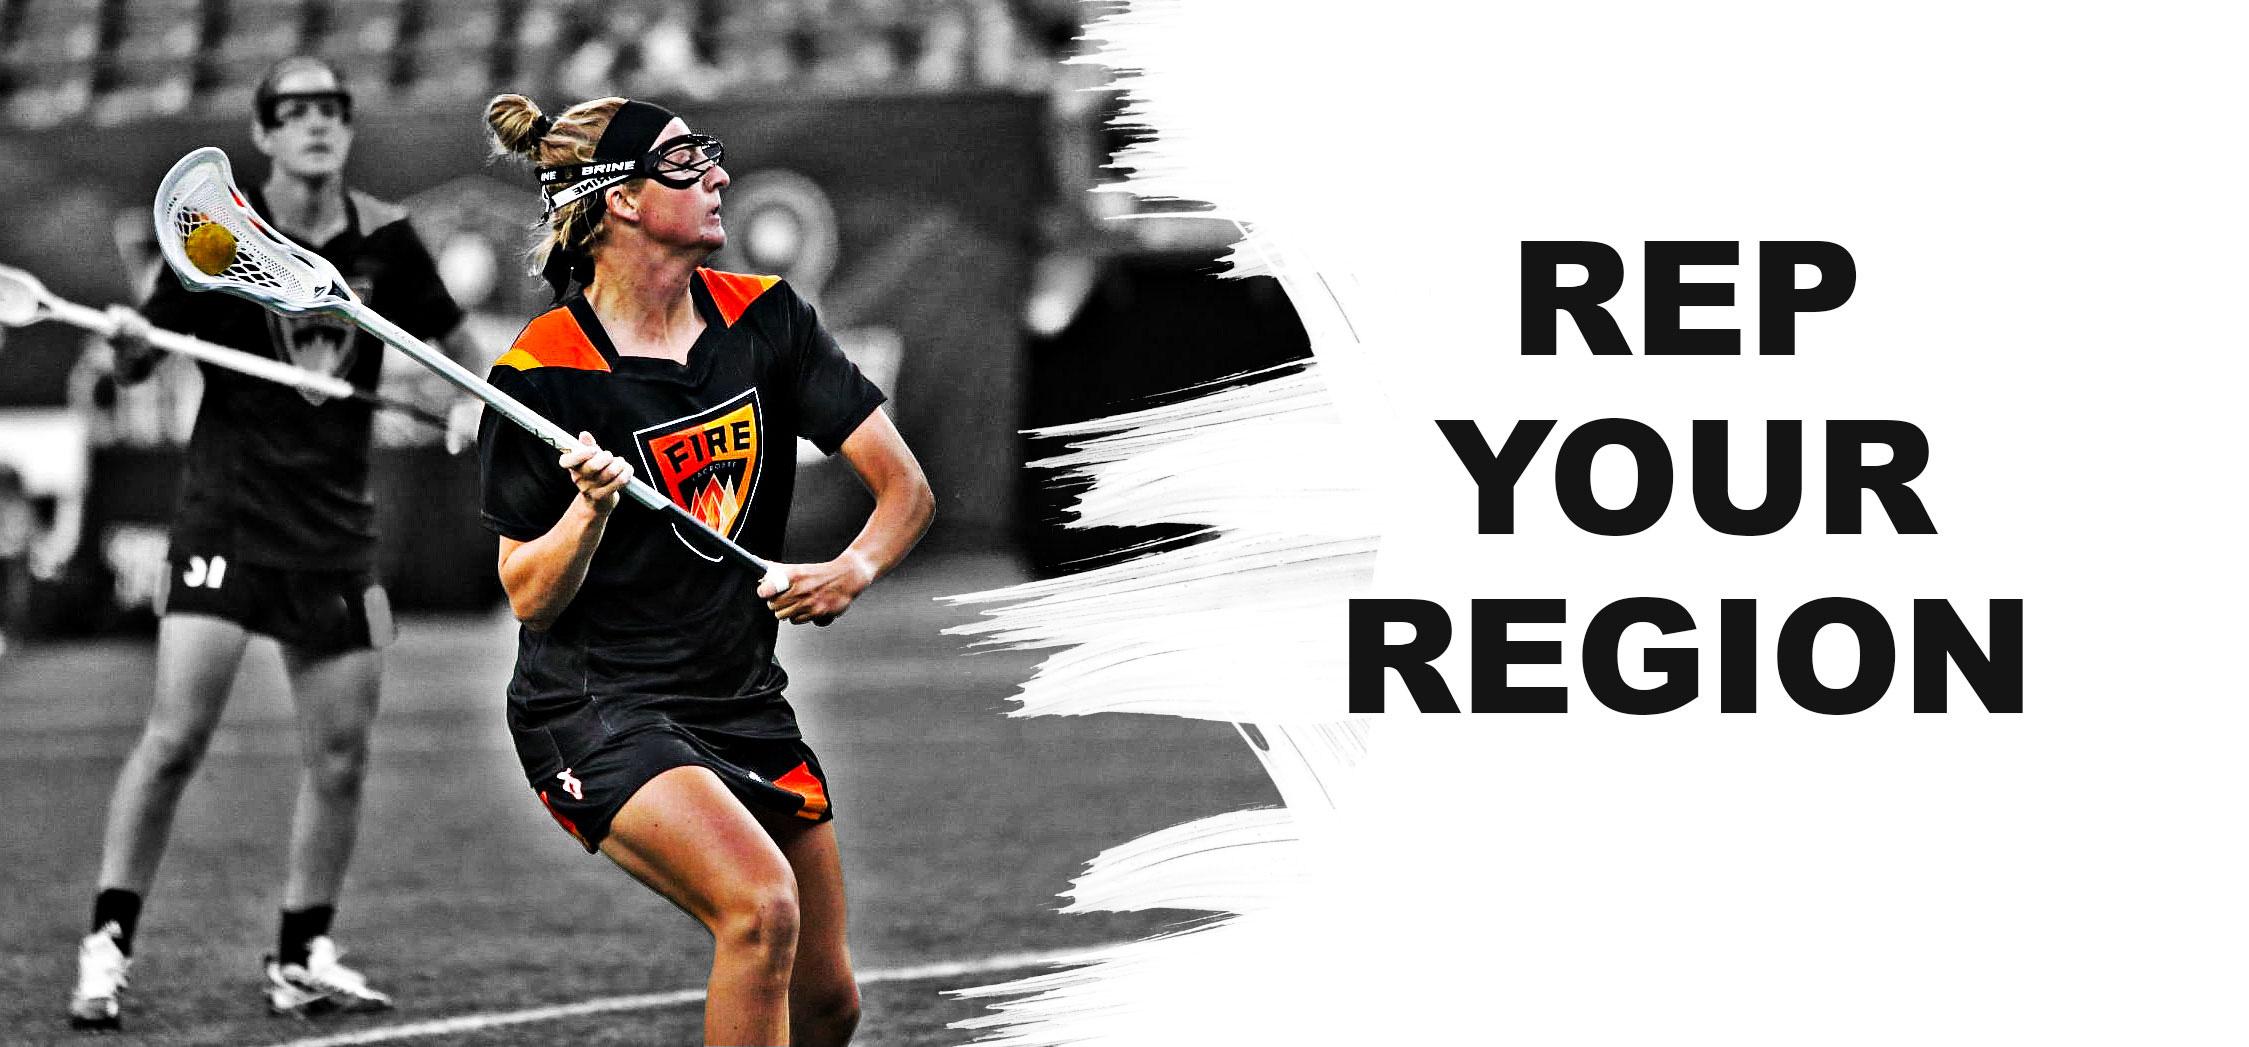 rep-your-region